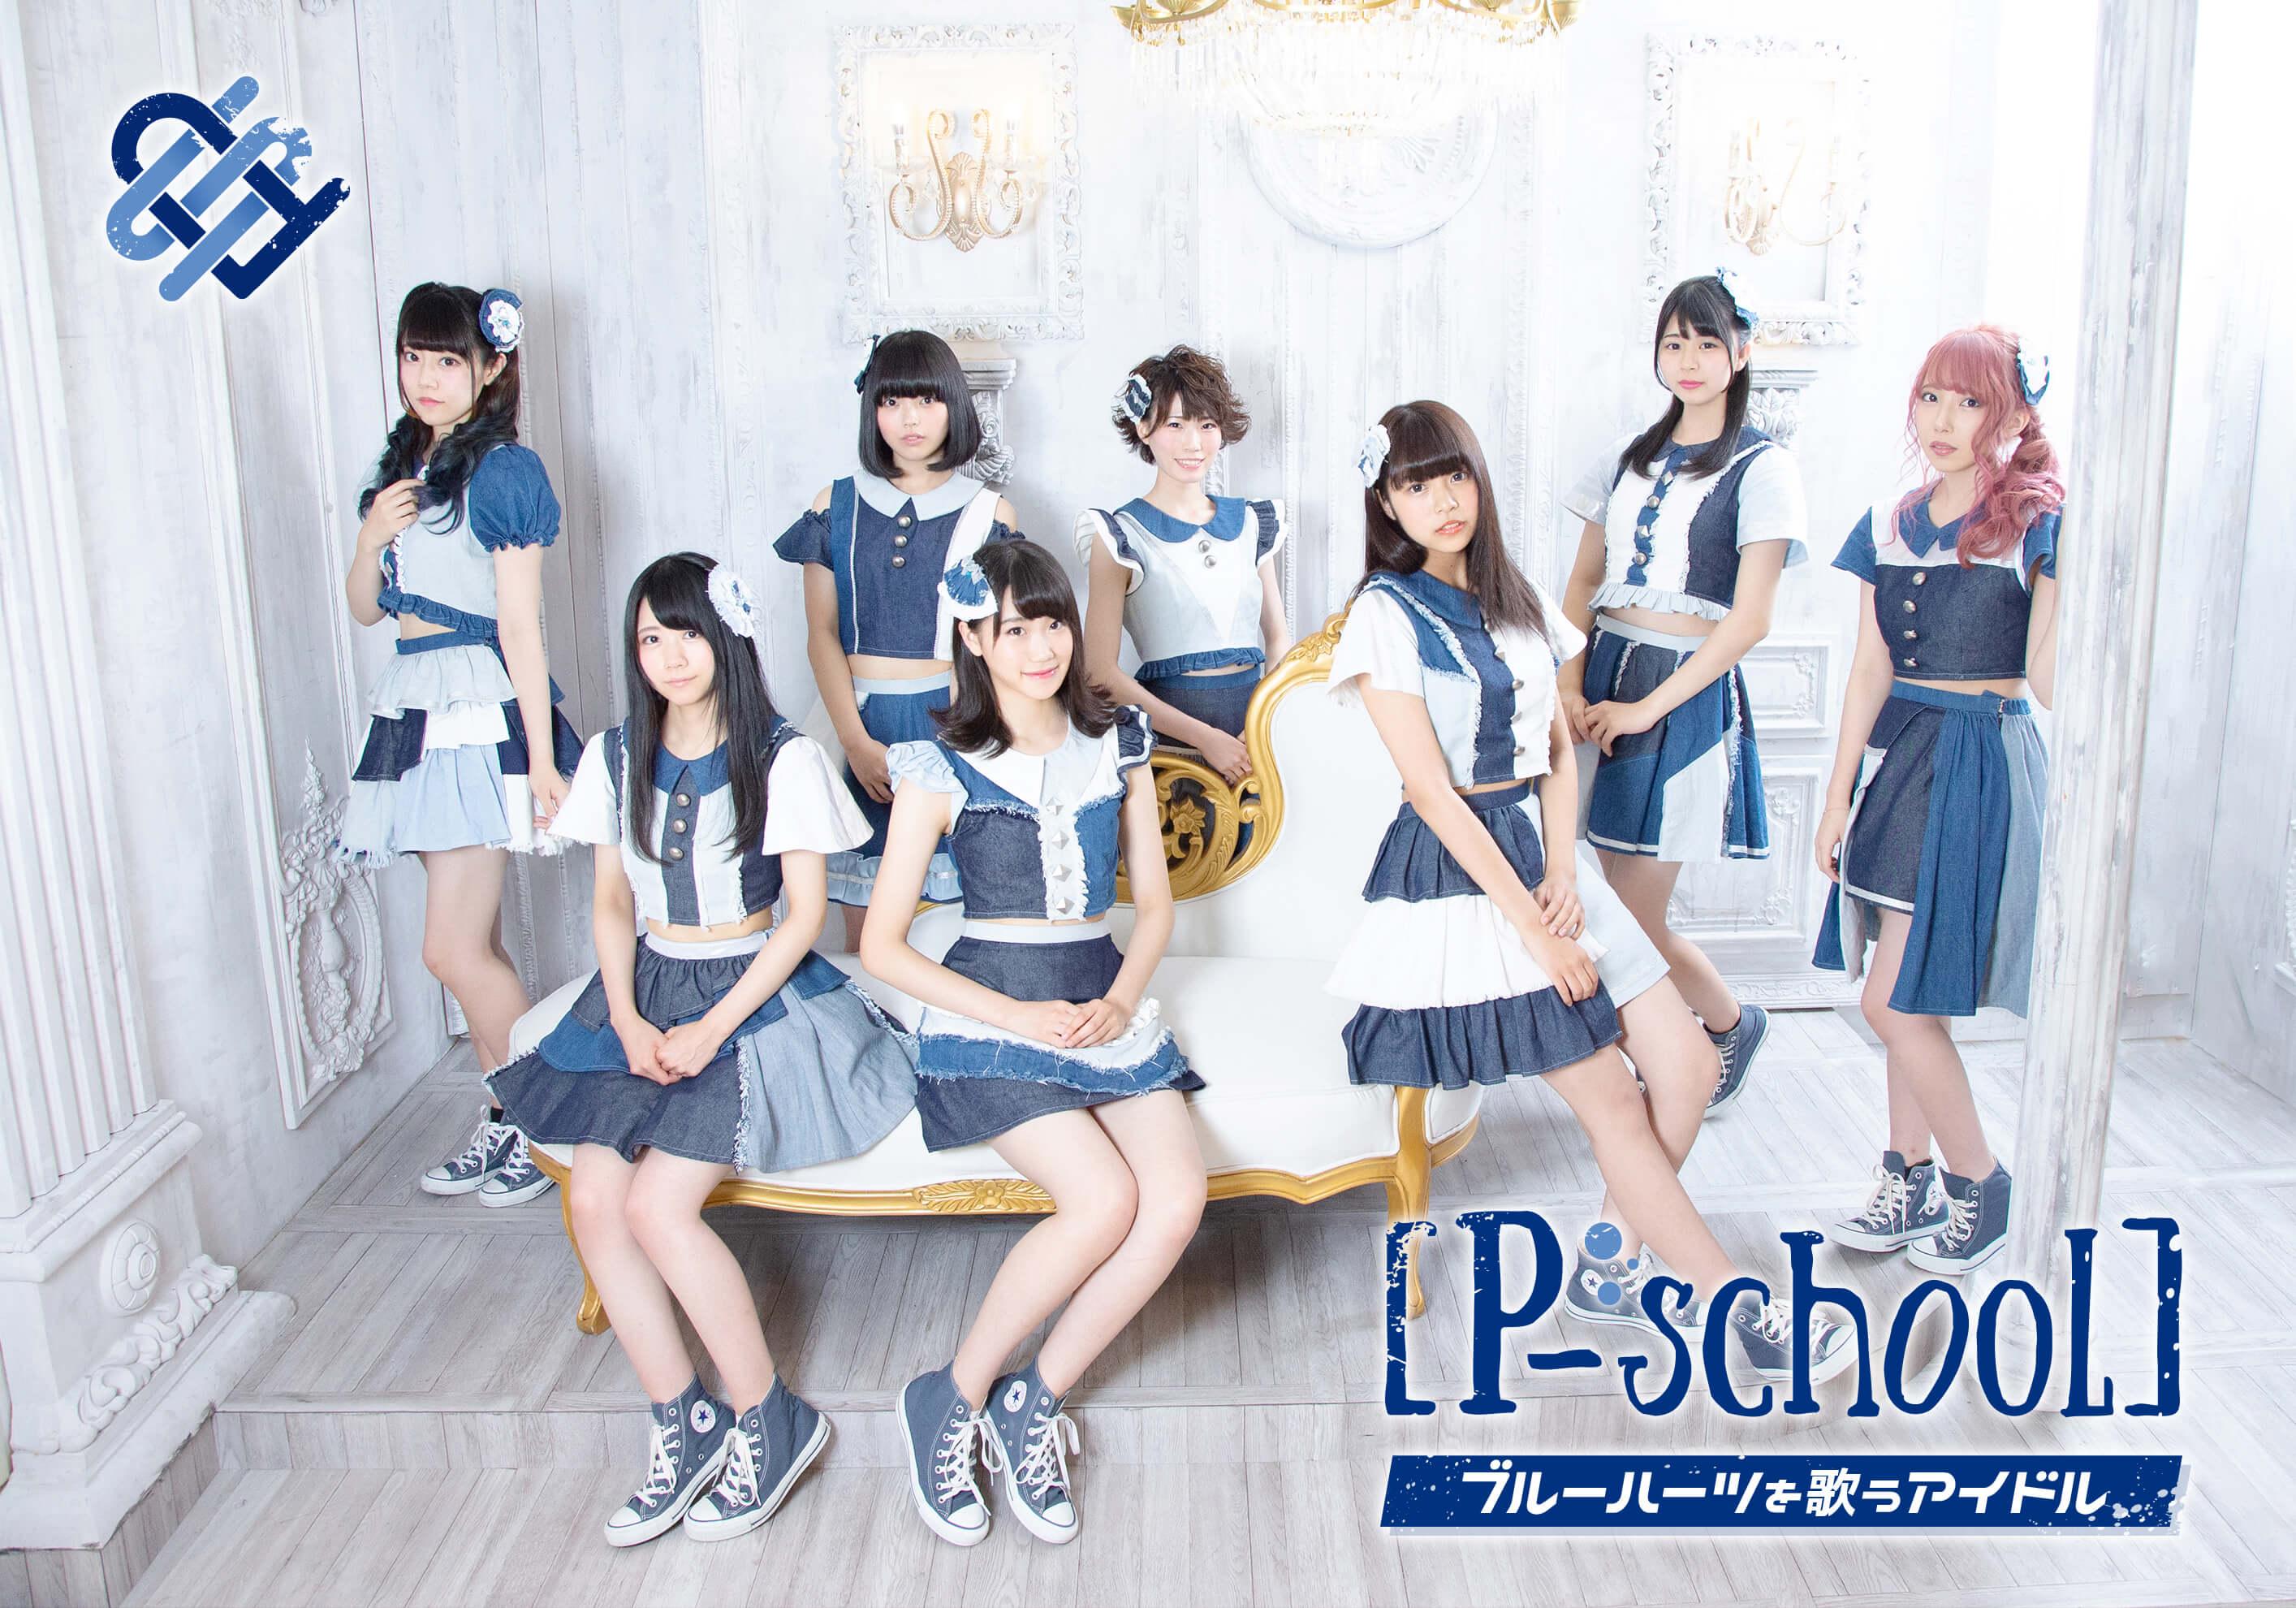 ブルーハーツを歌うアイドル【P-school】、初主催イベント開催